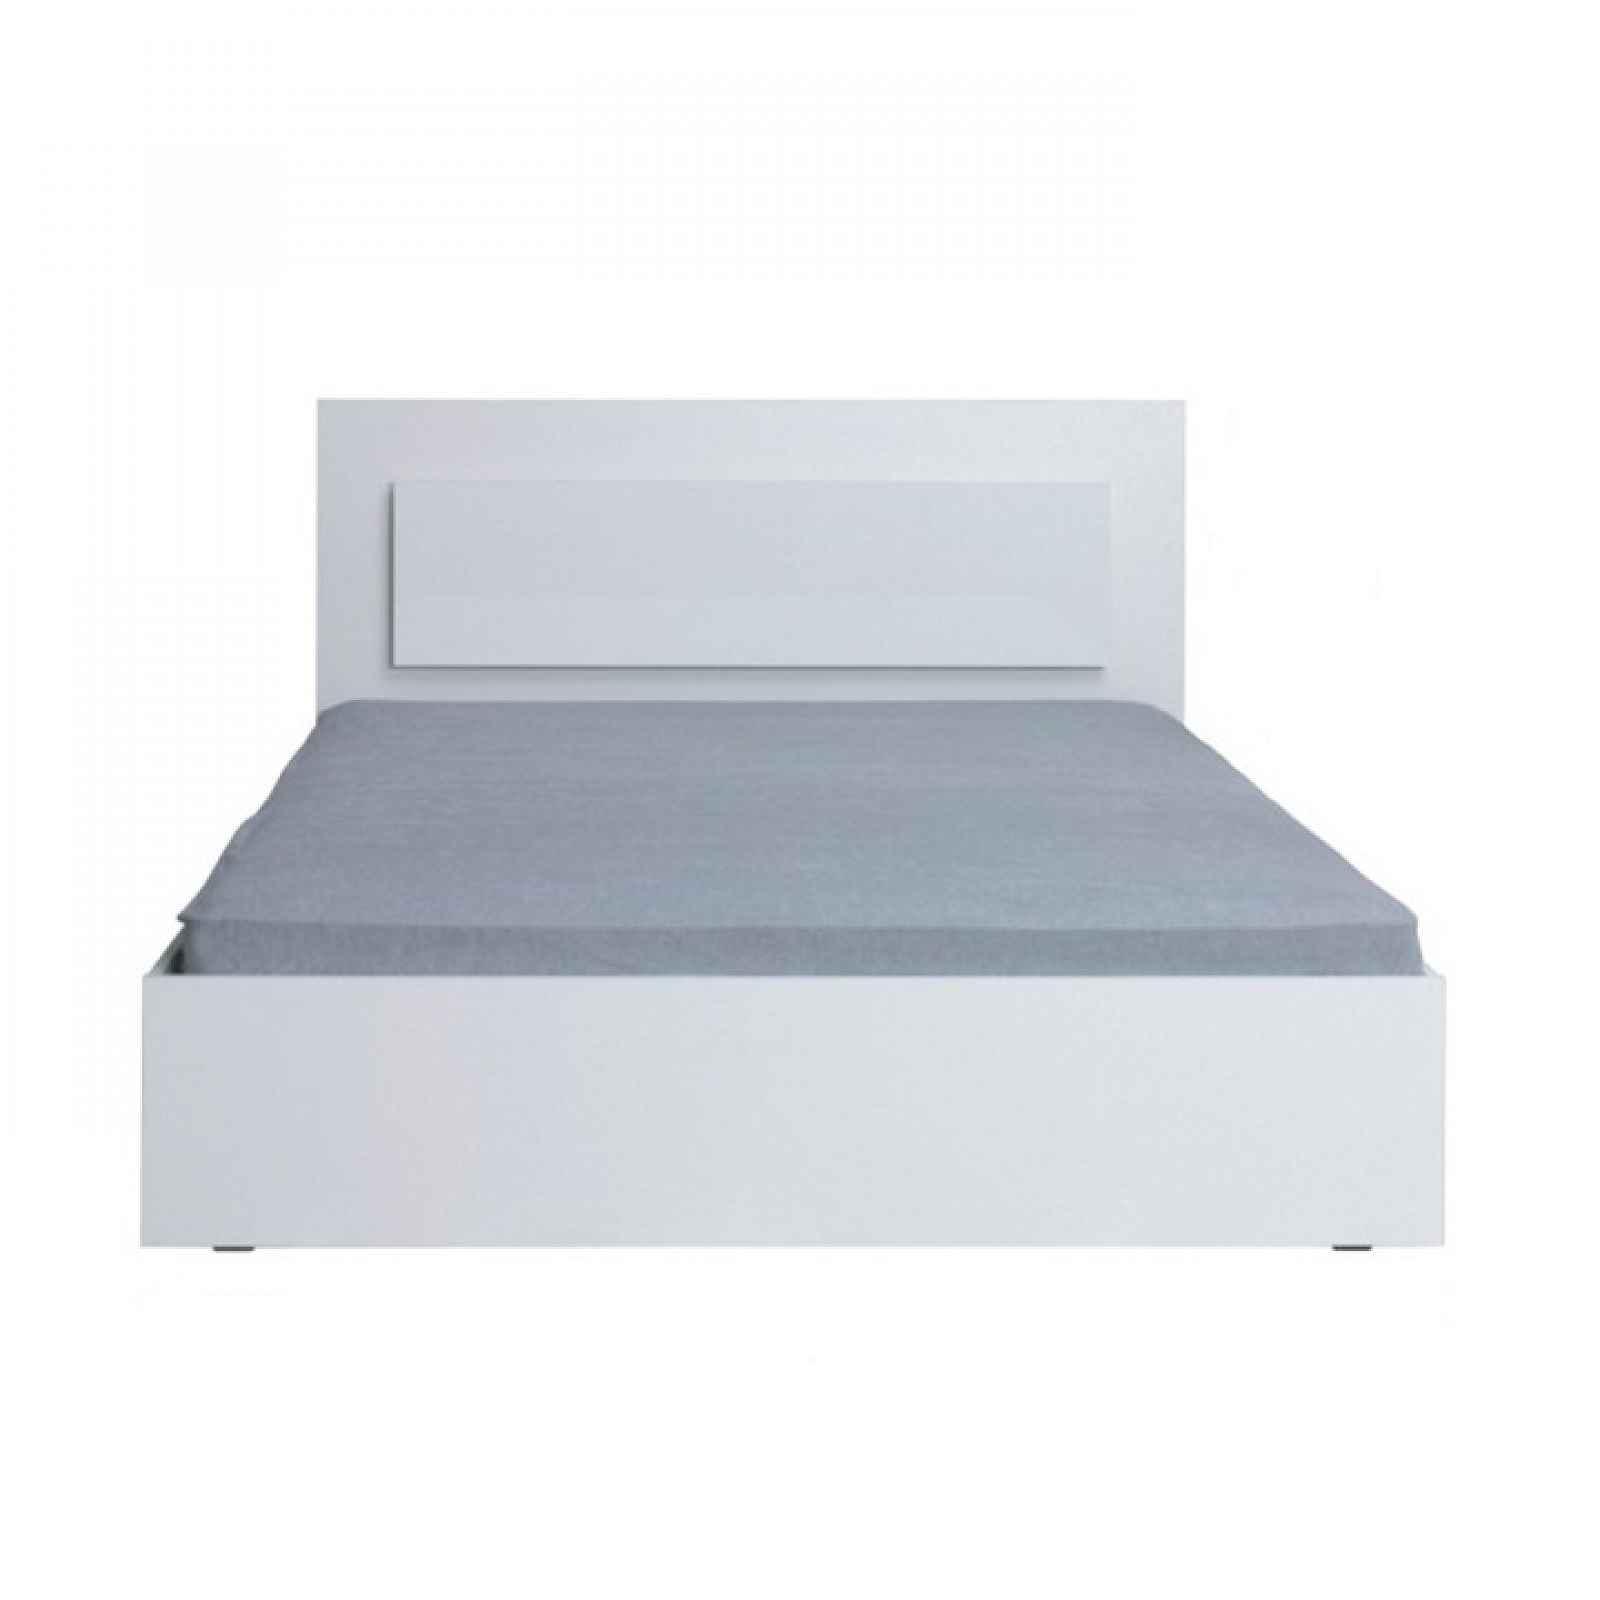 Manželská postel, 160x200, bílá / vysoký bílý lesk HG, ASIENA 0000210563 Tempo Kondela